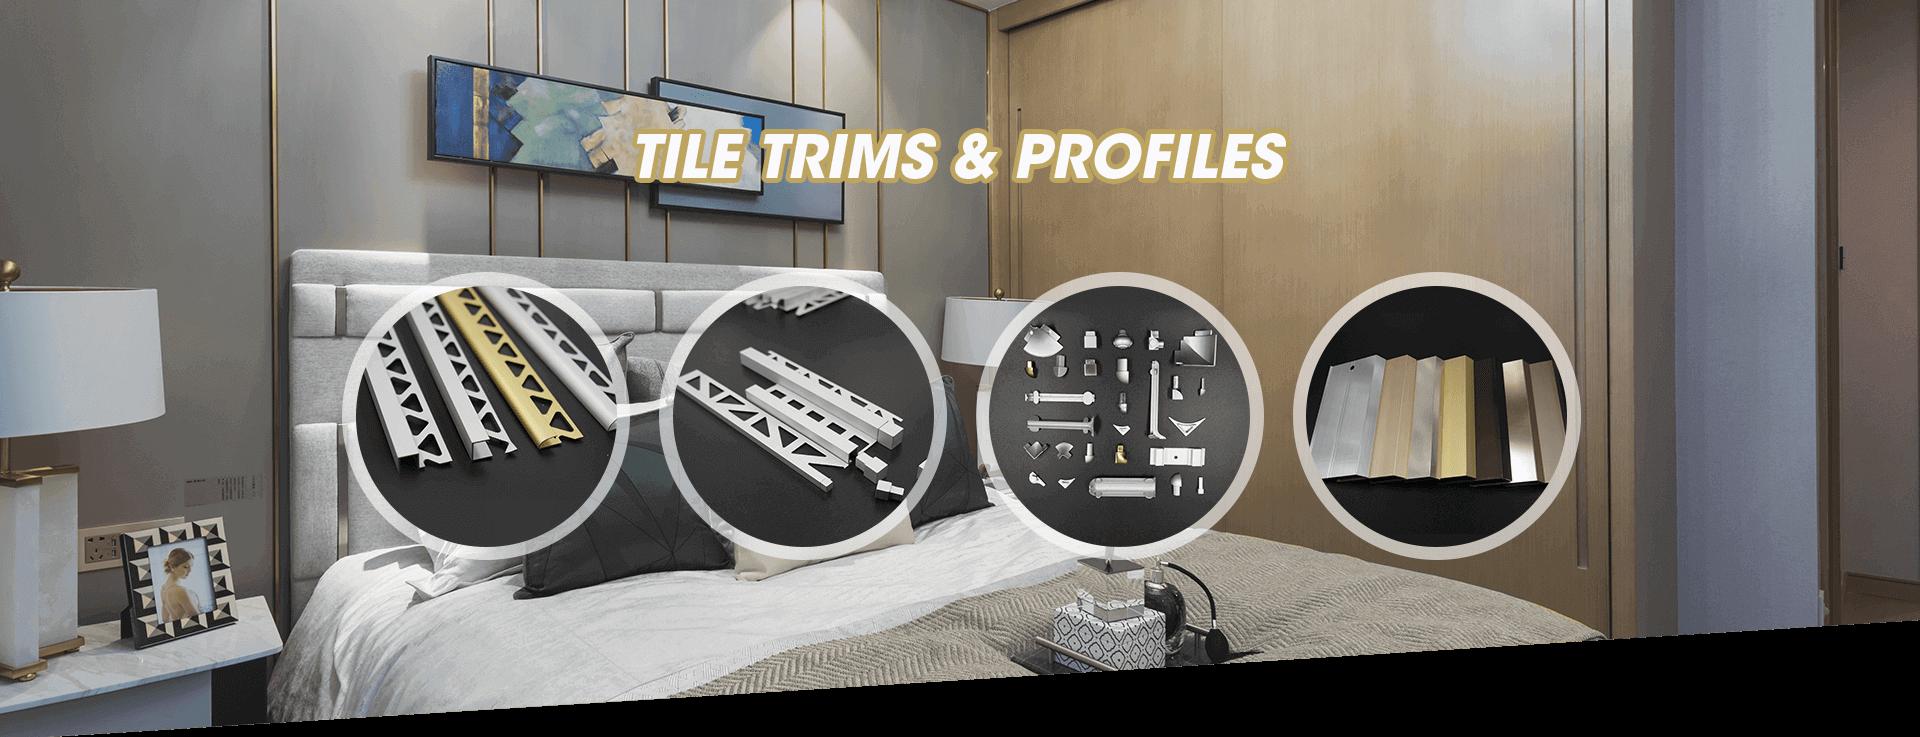 Tile Trims & Profiles